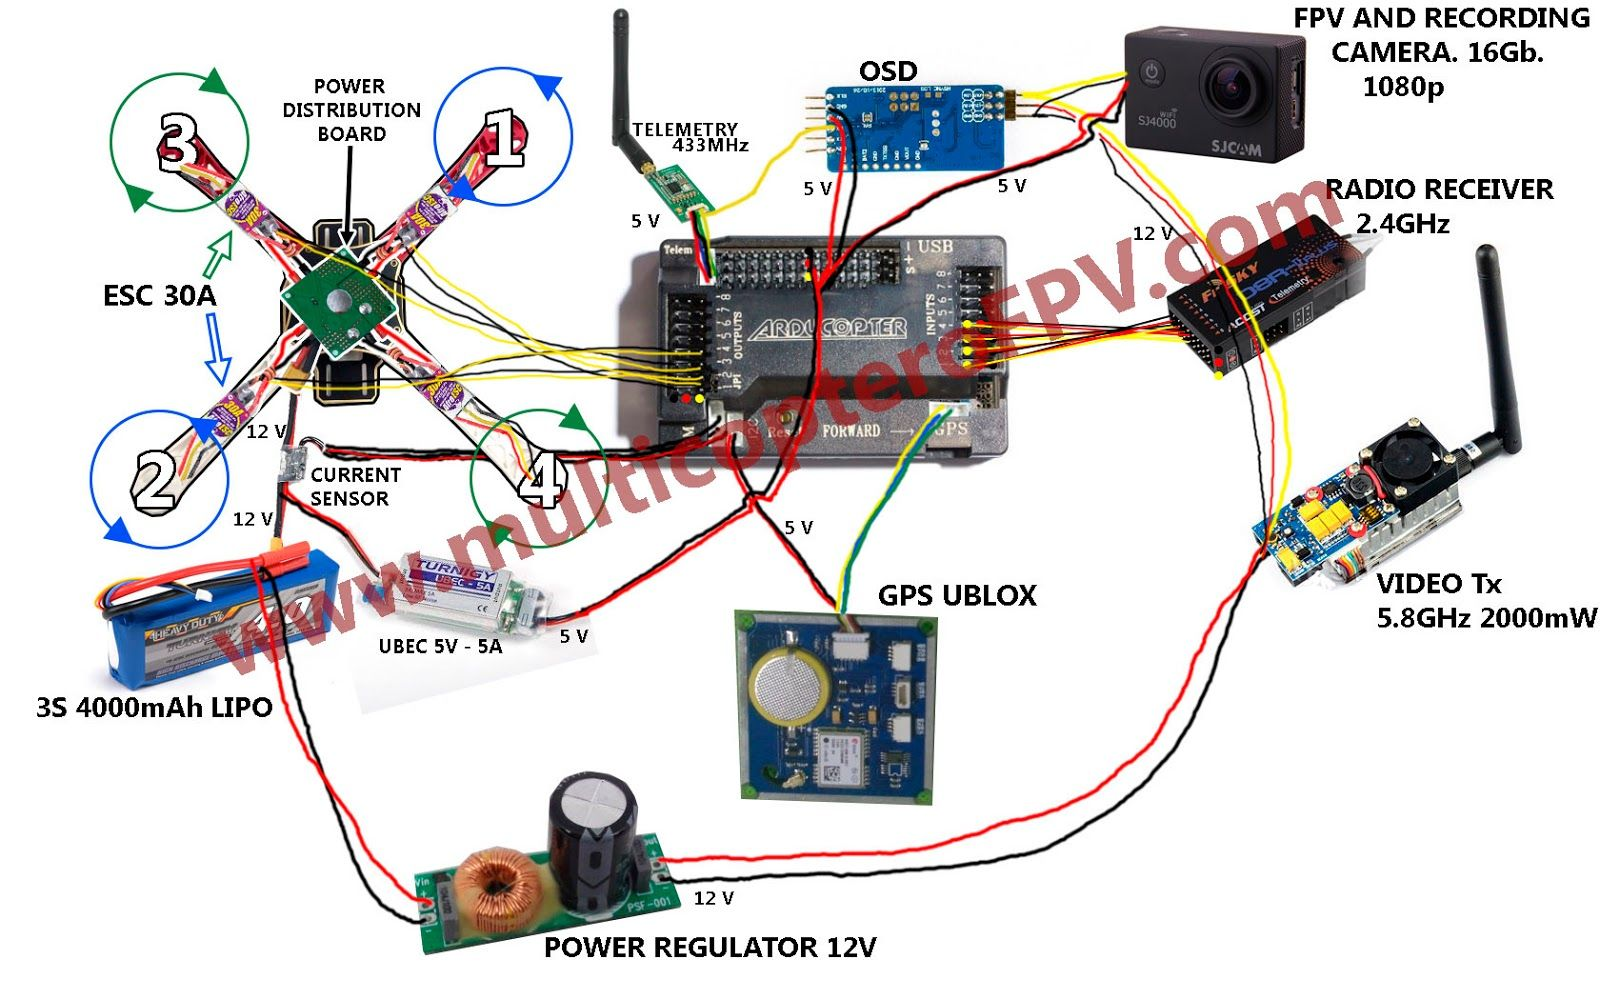 medium resolution of plano de conexiones de arducopter apm 2 6 con gps telemetr a y osd wiring diagram 2 6 also build your own quadcopter also arducopter